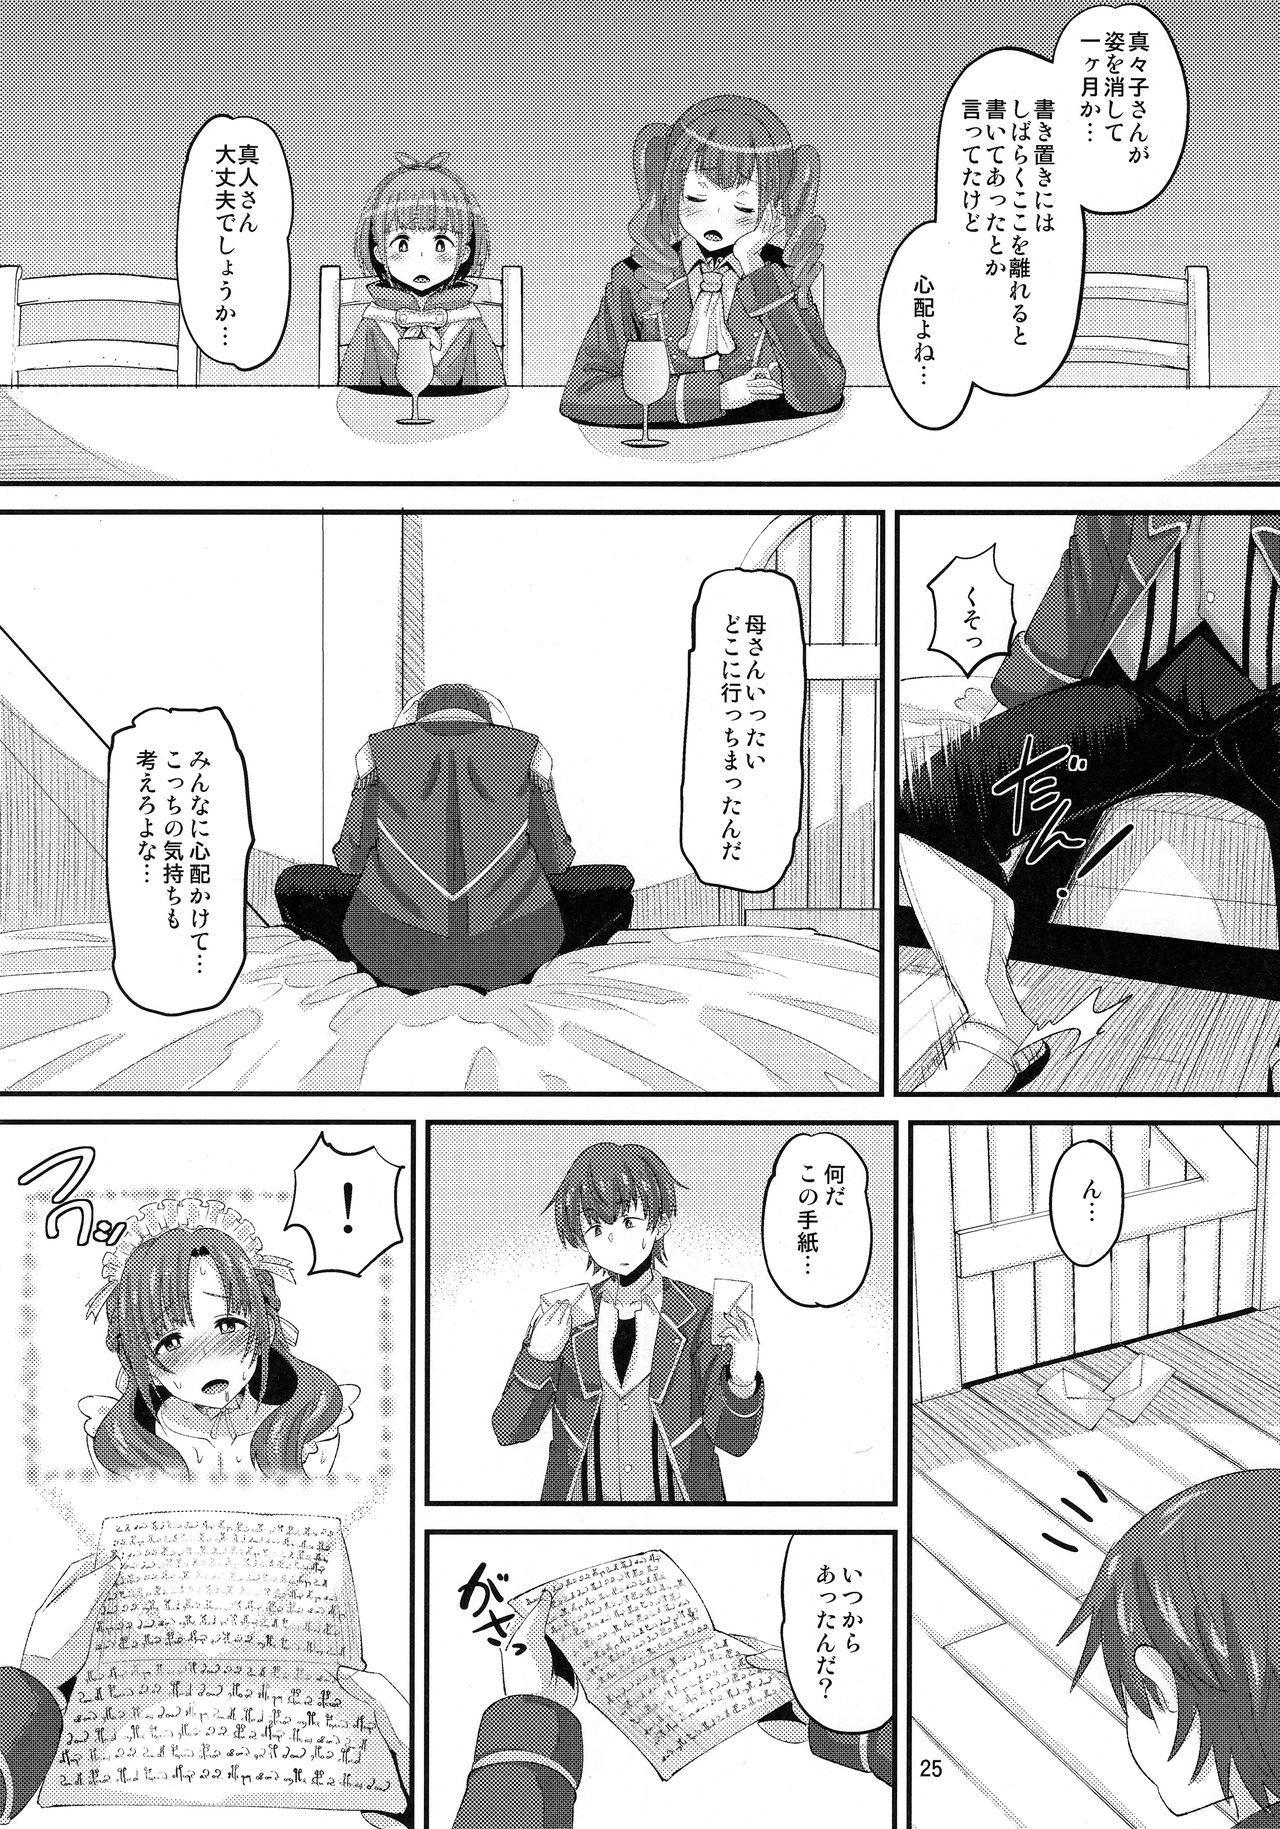 Musuko to Onaji Toshigoro no Otoko ni Otosareru Okaa-san wa Suki desu ka? 23